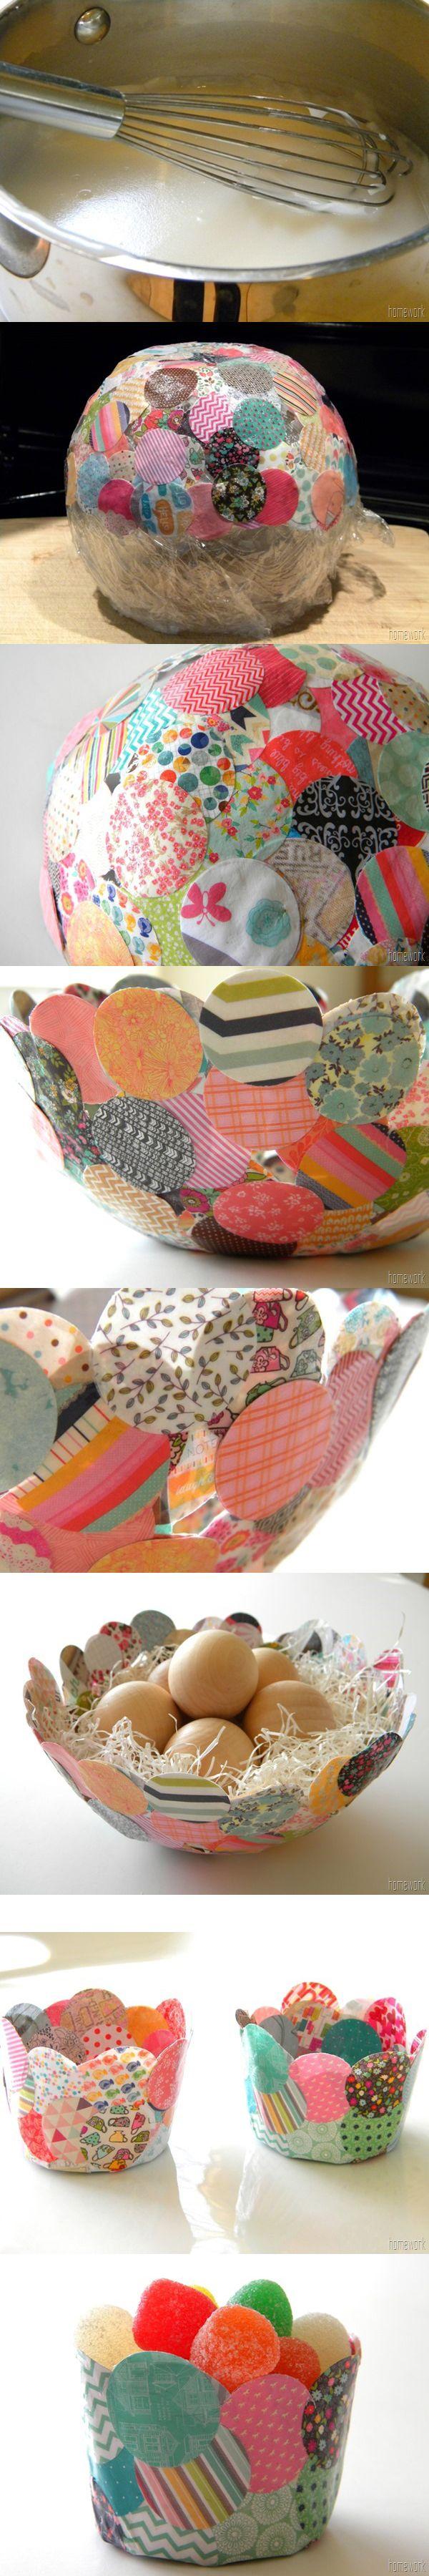 Original bol de confeti y papel maché #diy #tutorial